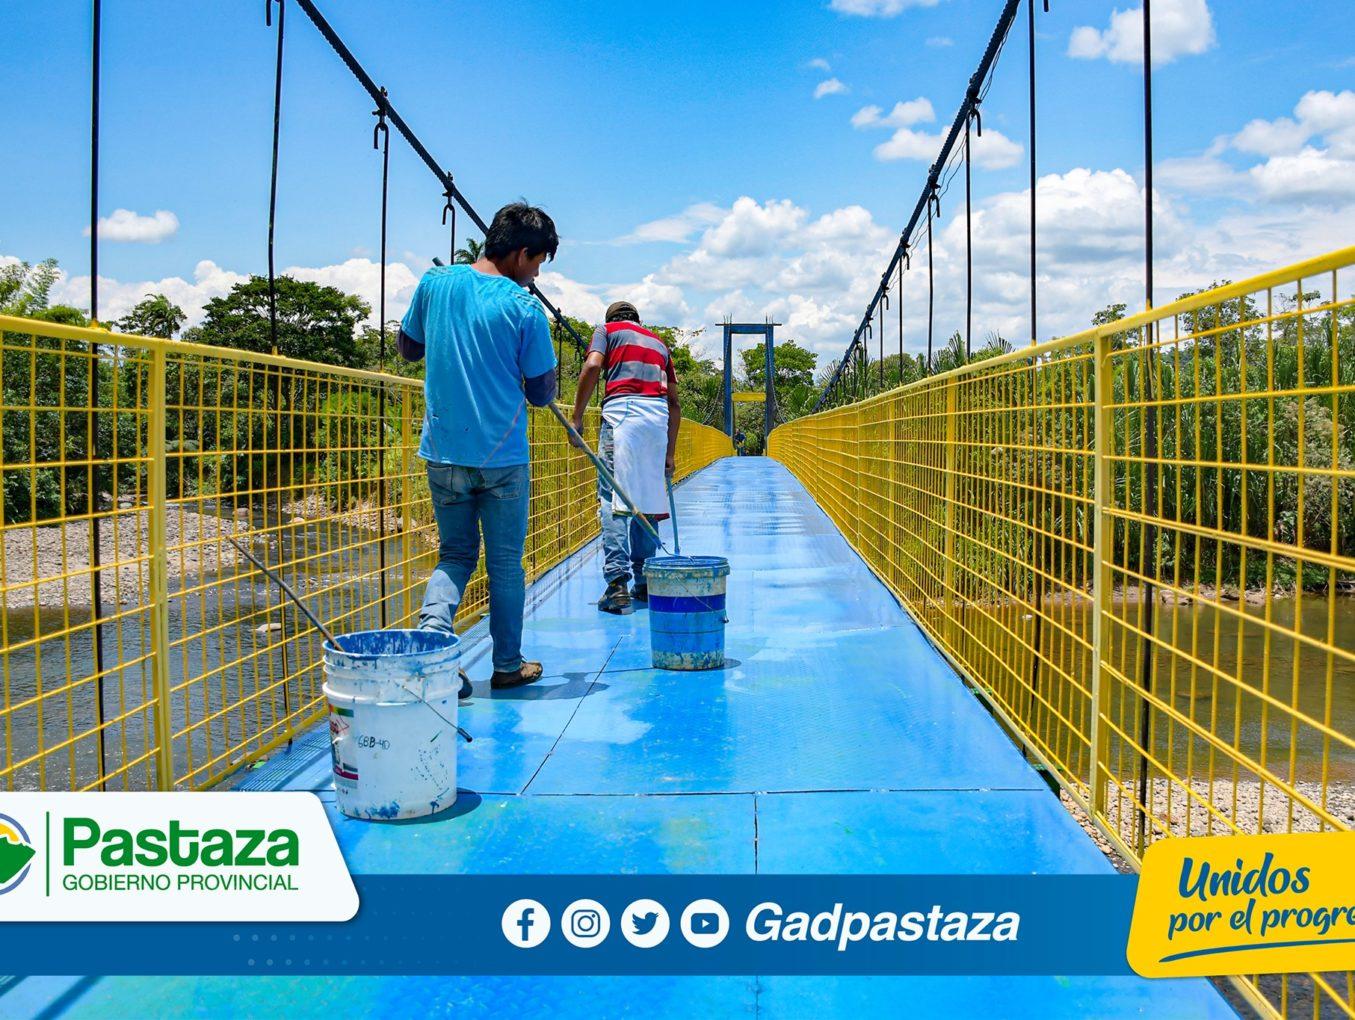 ¡Concluyó mantenimiento del puente colgante de la comunidad Bellavista!